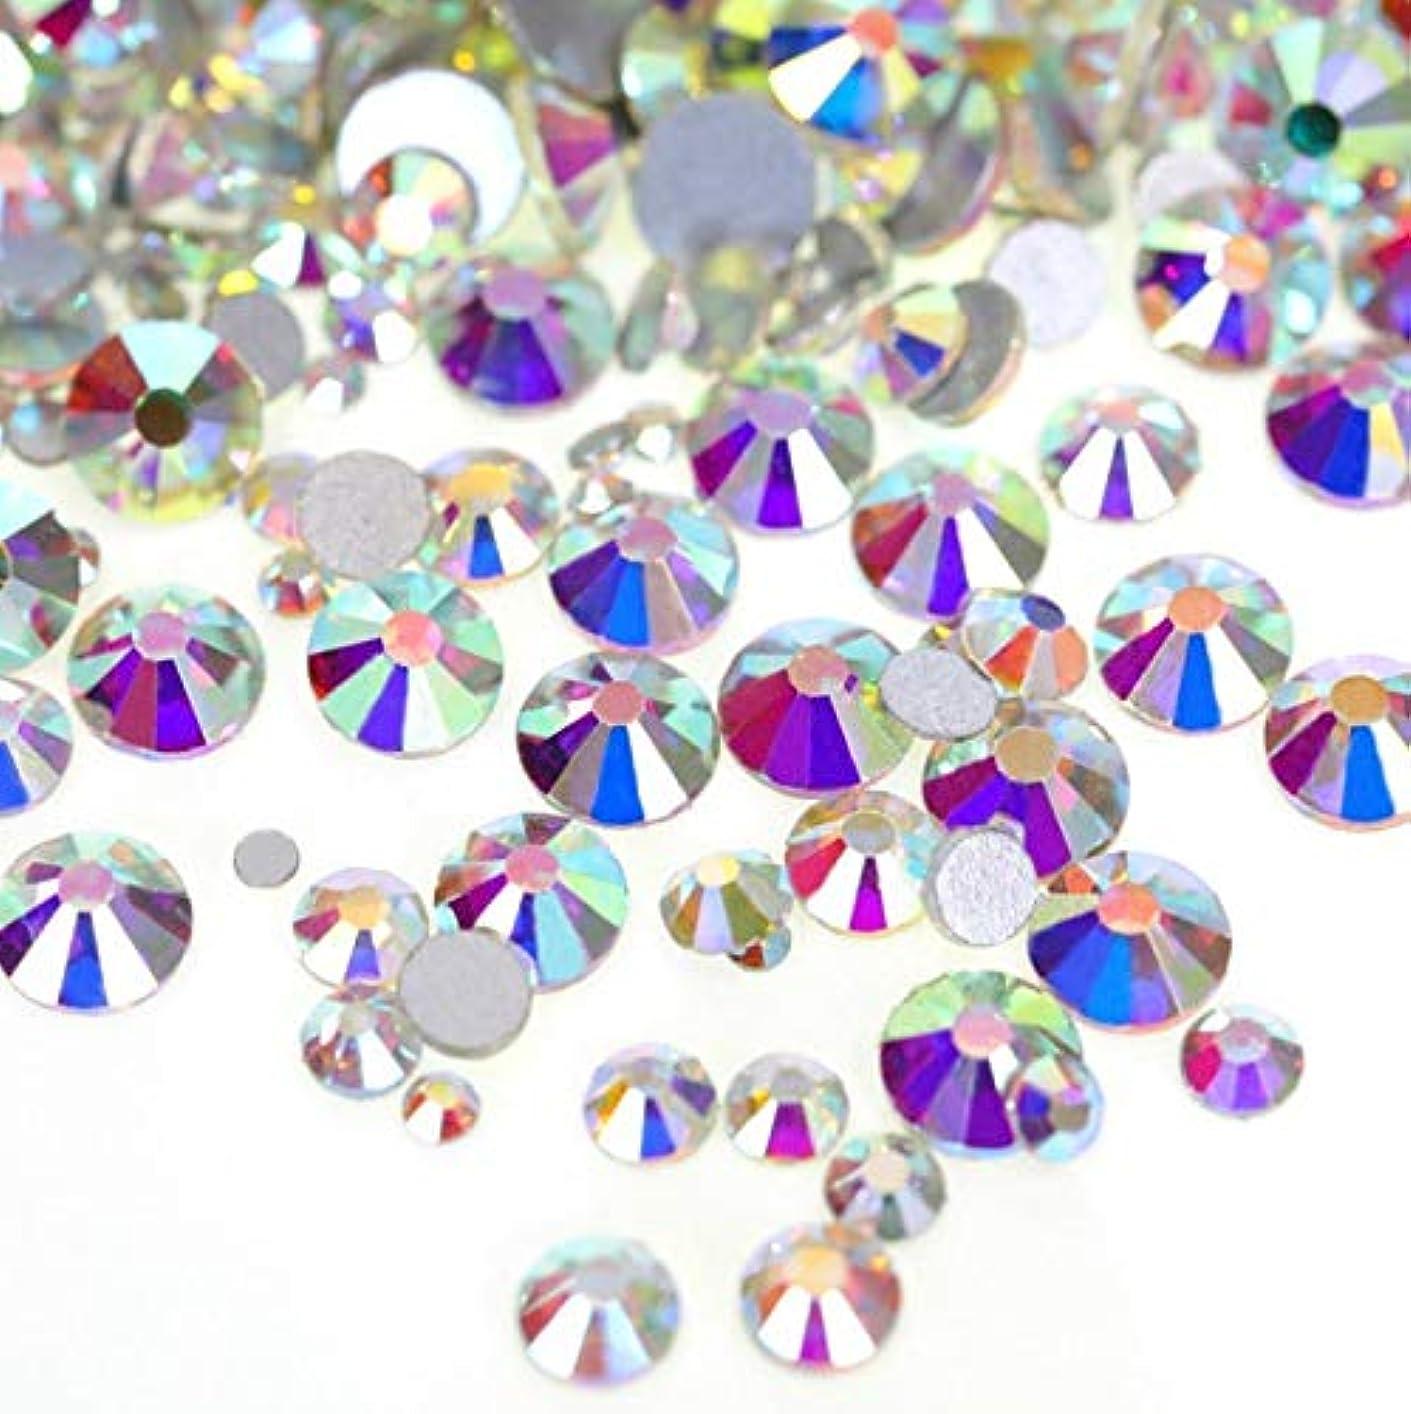 記事陪審地獄【ラインストーン77】高品質ガラス製ラインストーン オーロラクリスタル(3.0mm (SS12) 約200粒)